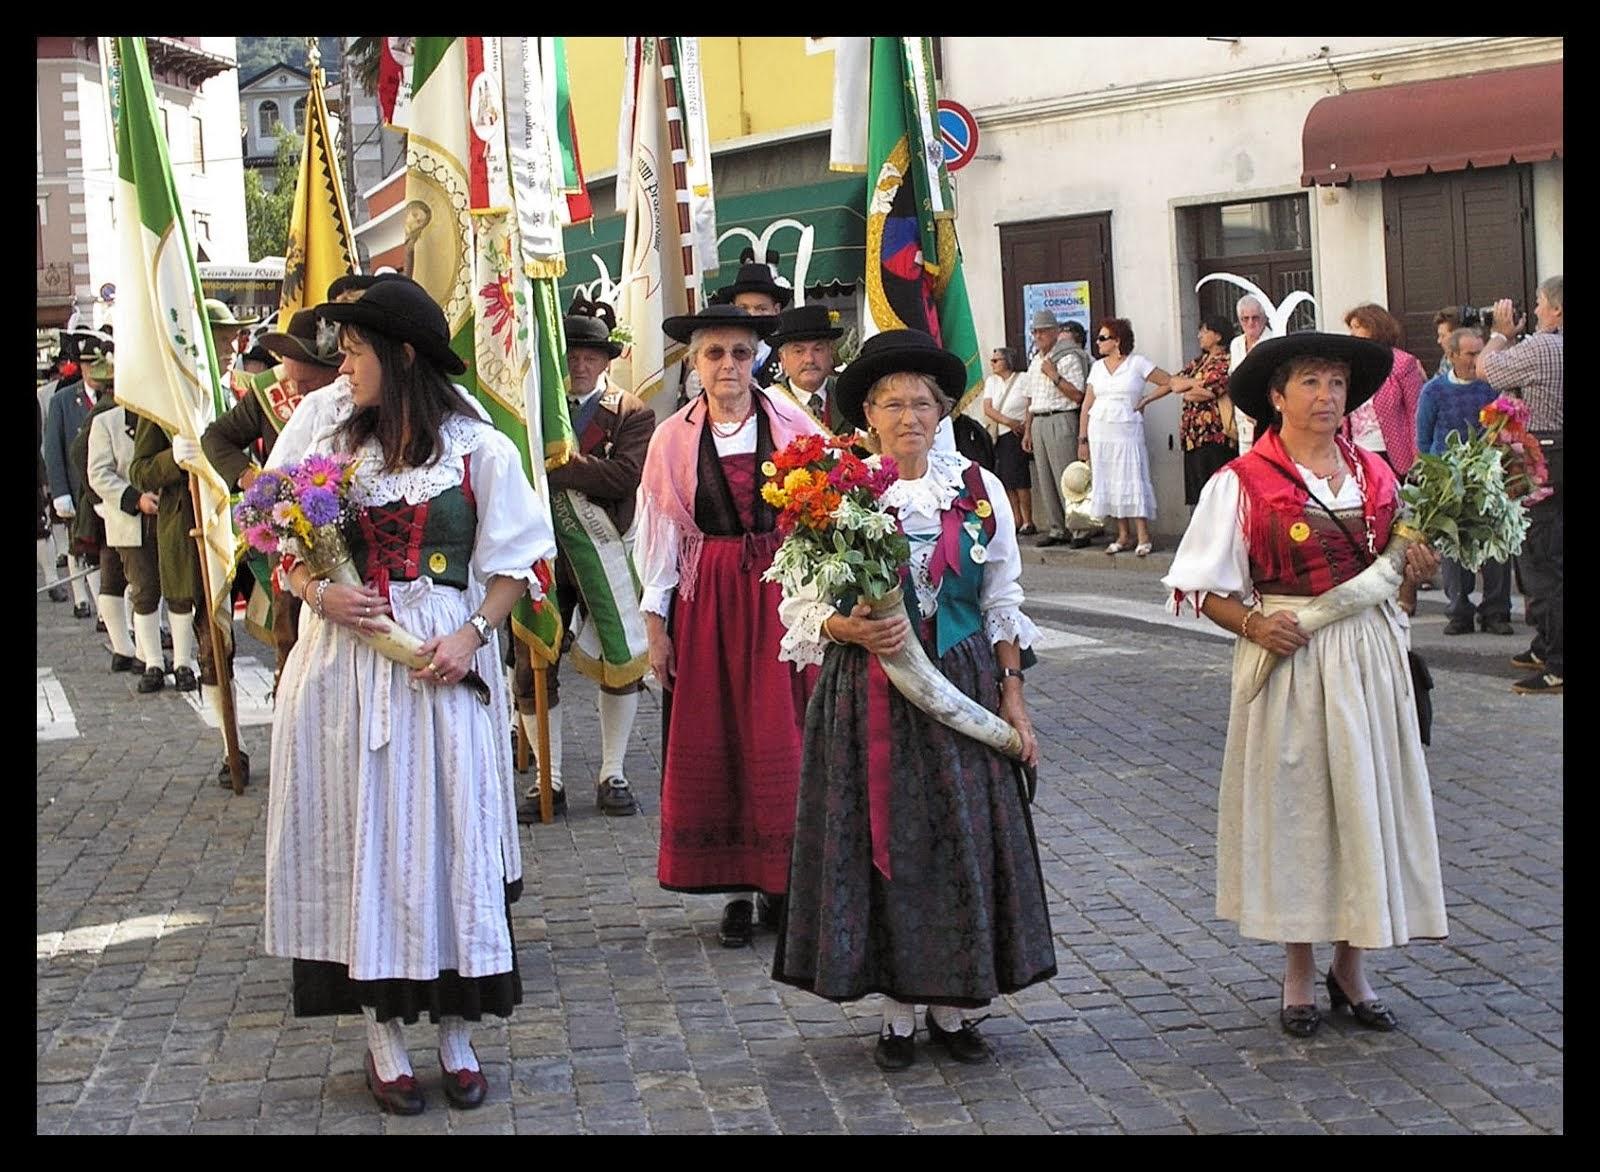 2007 - Cormons - Festa dei popoli